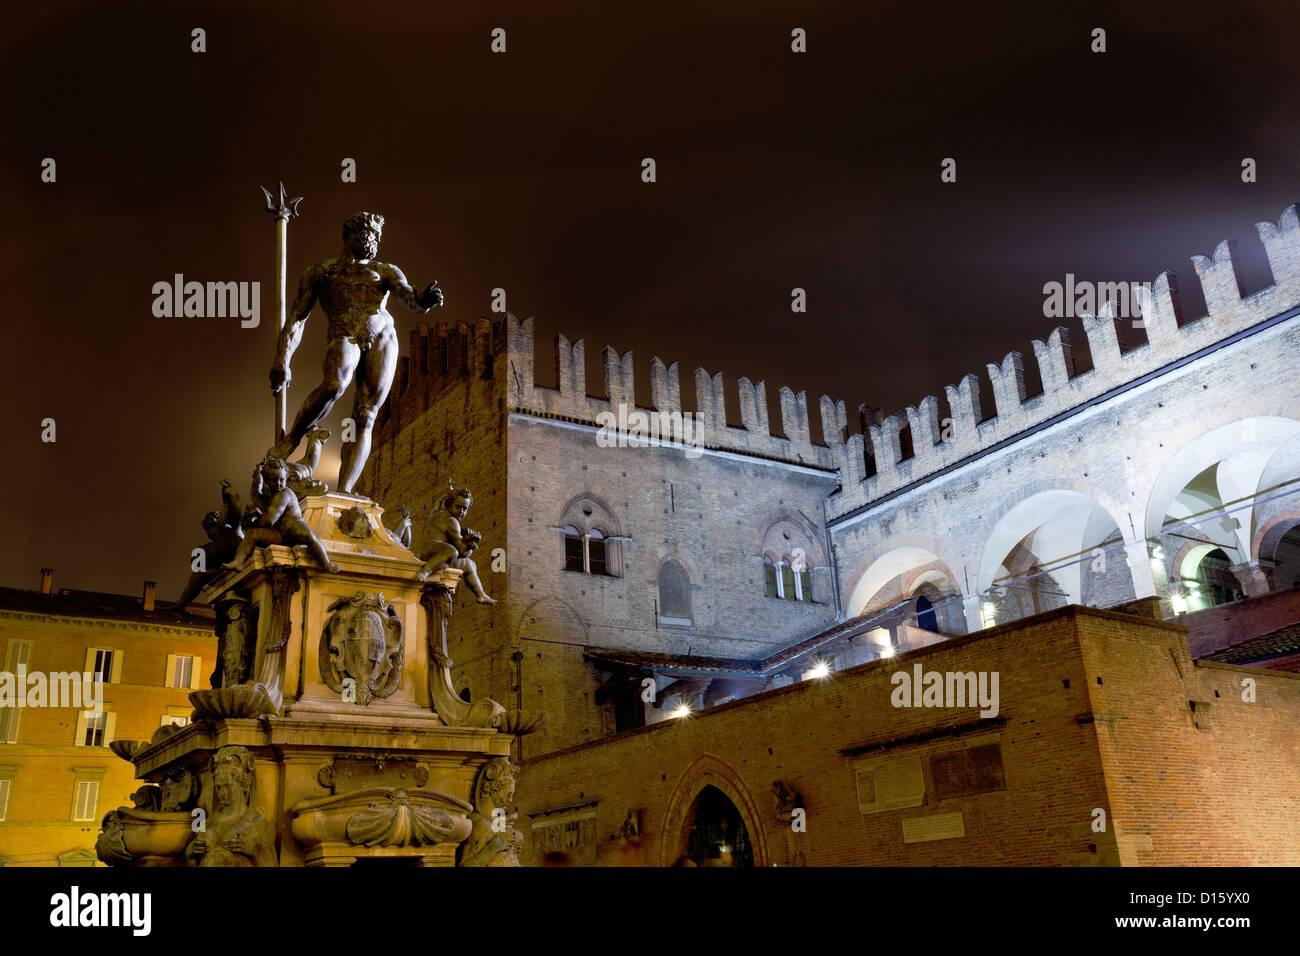 Fountain of Neptune on Piazza del Nettuno in Bologna at night, Italy Stock Photo